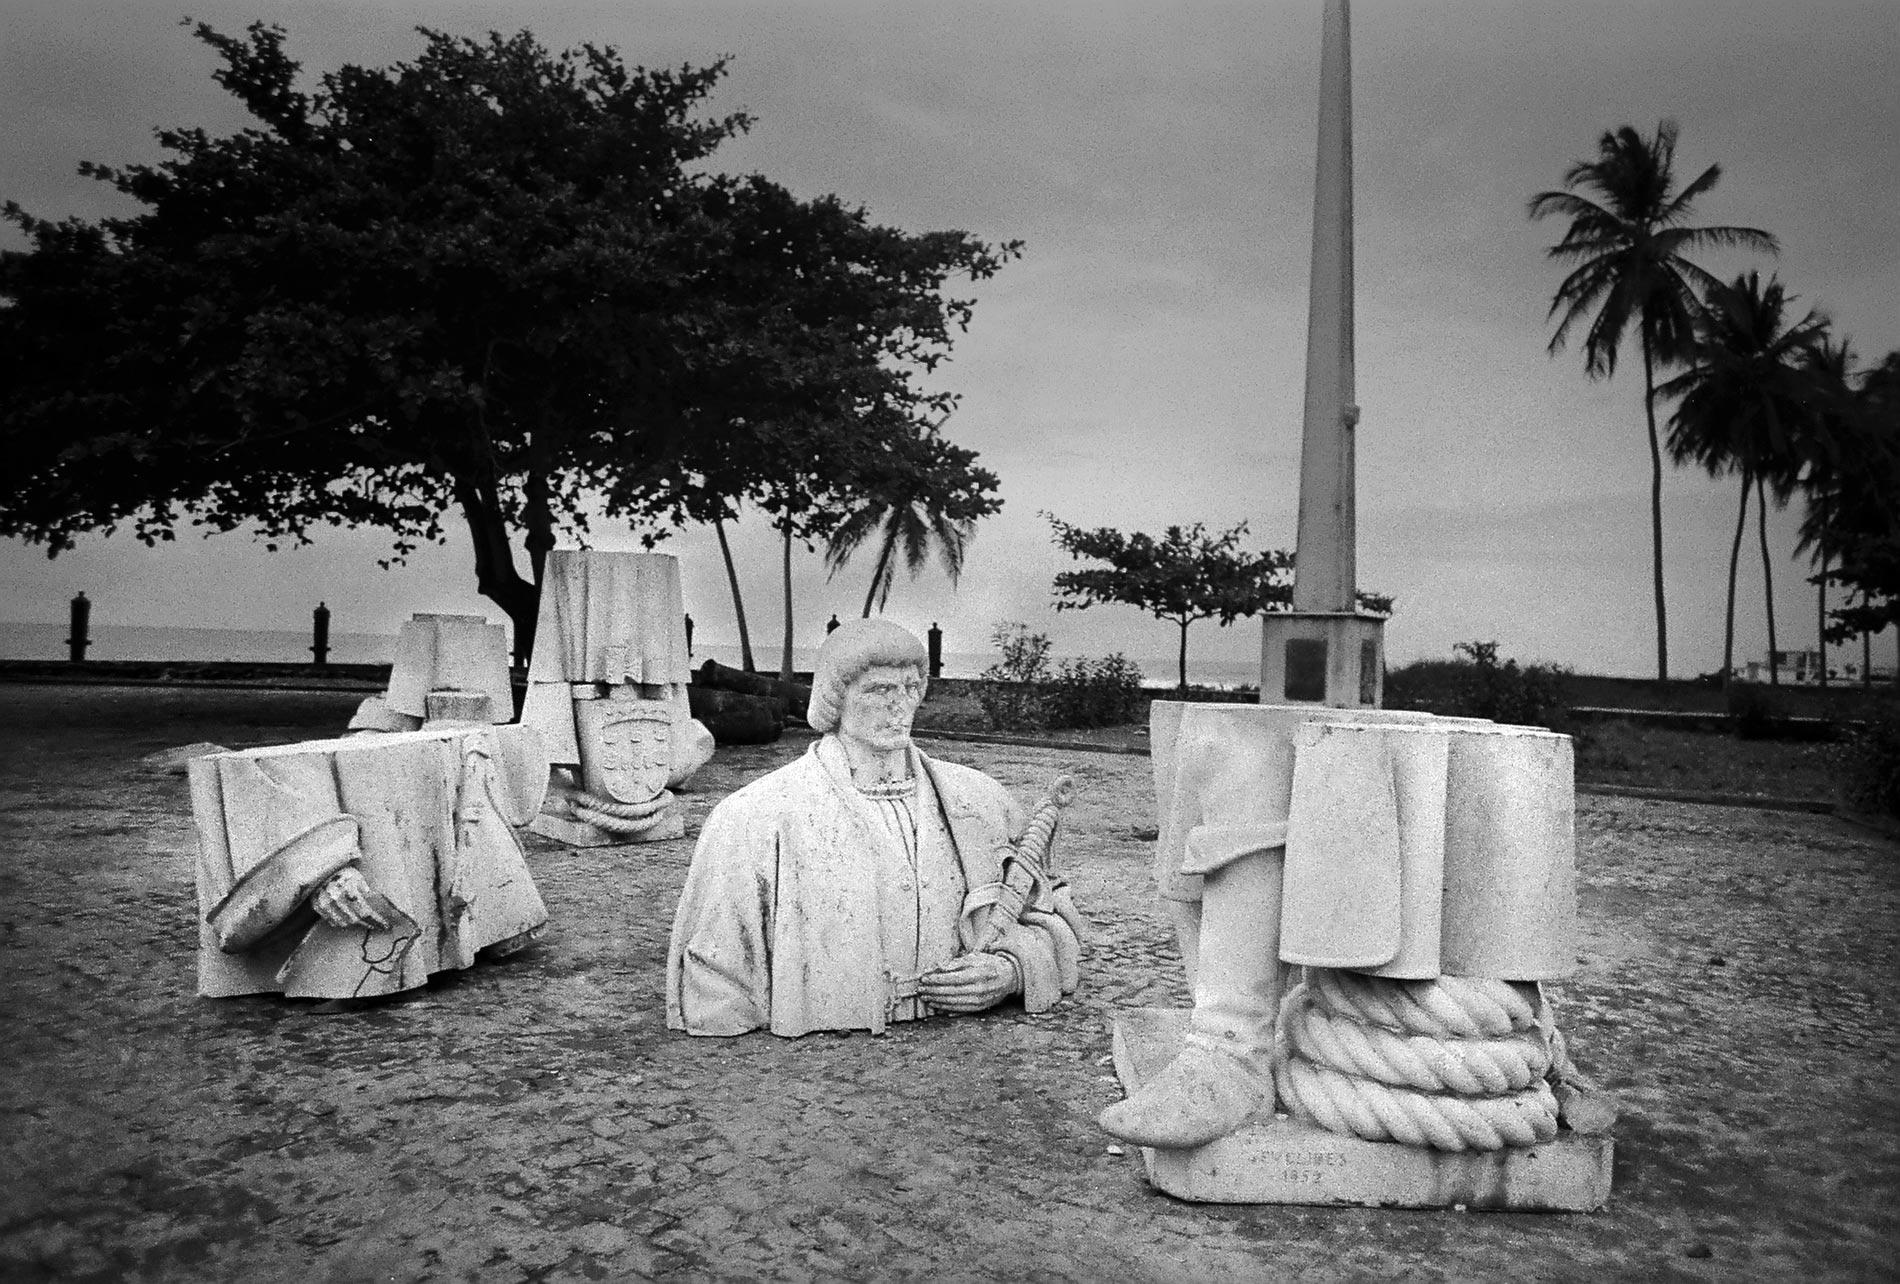 PÚBLICO - Alfredo Cunha, o fotógrafo que não pára quieto